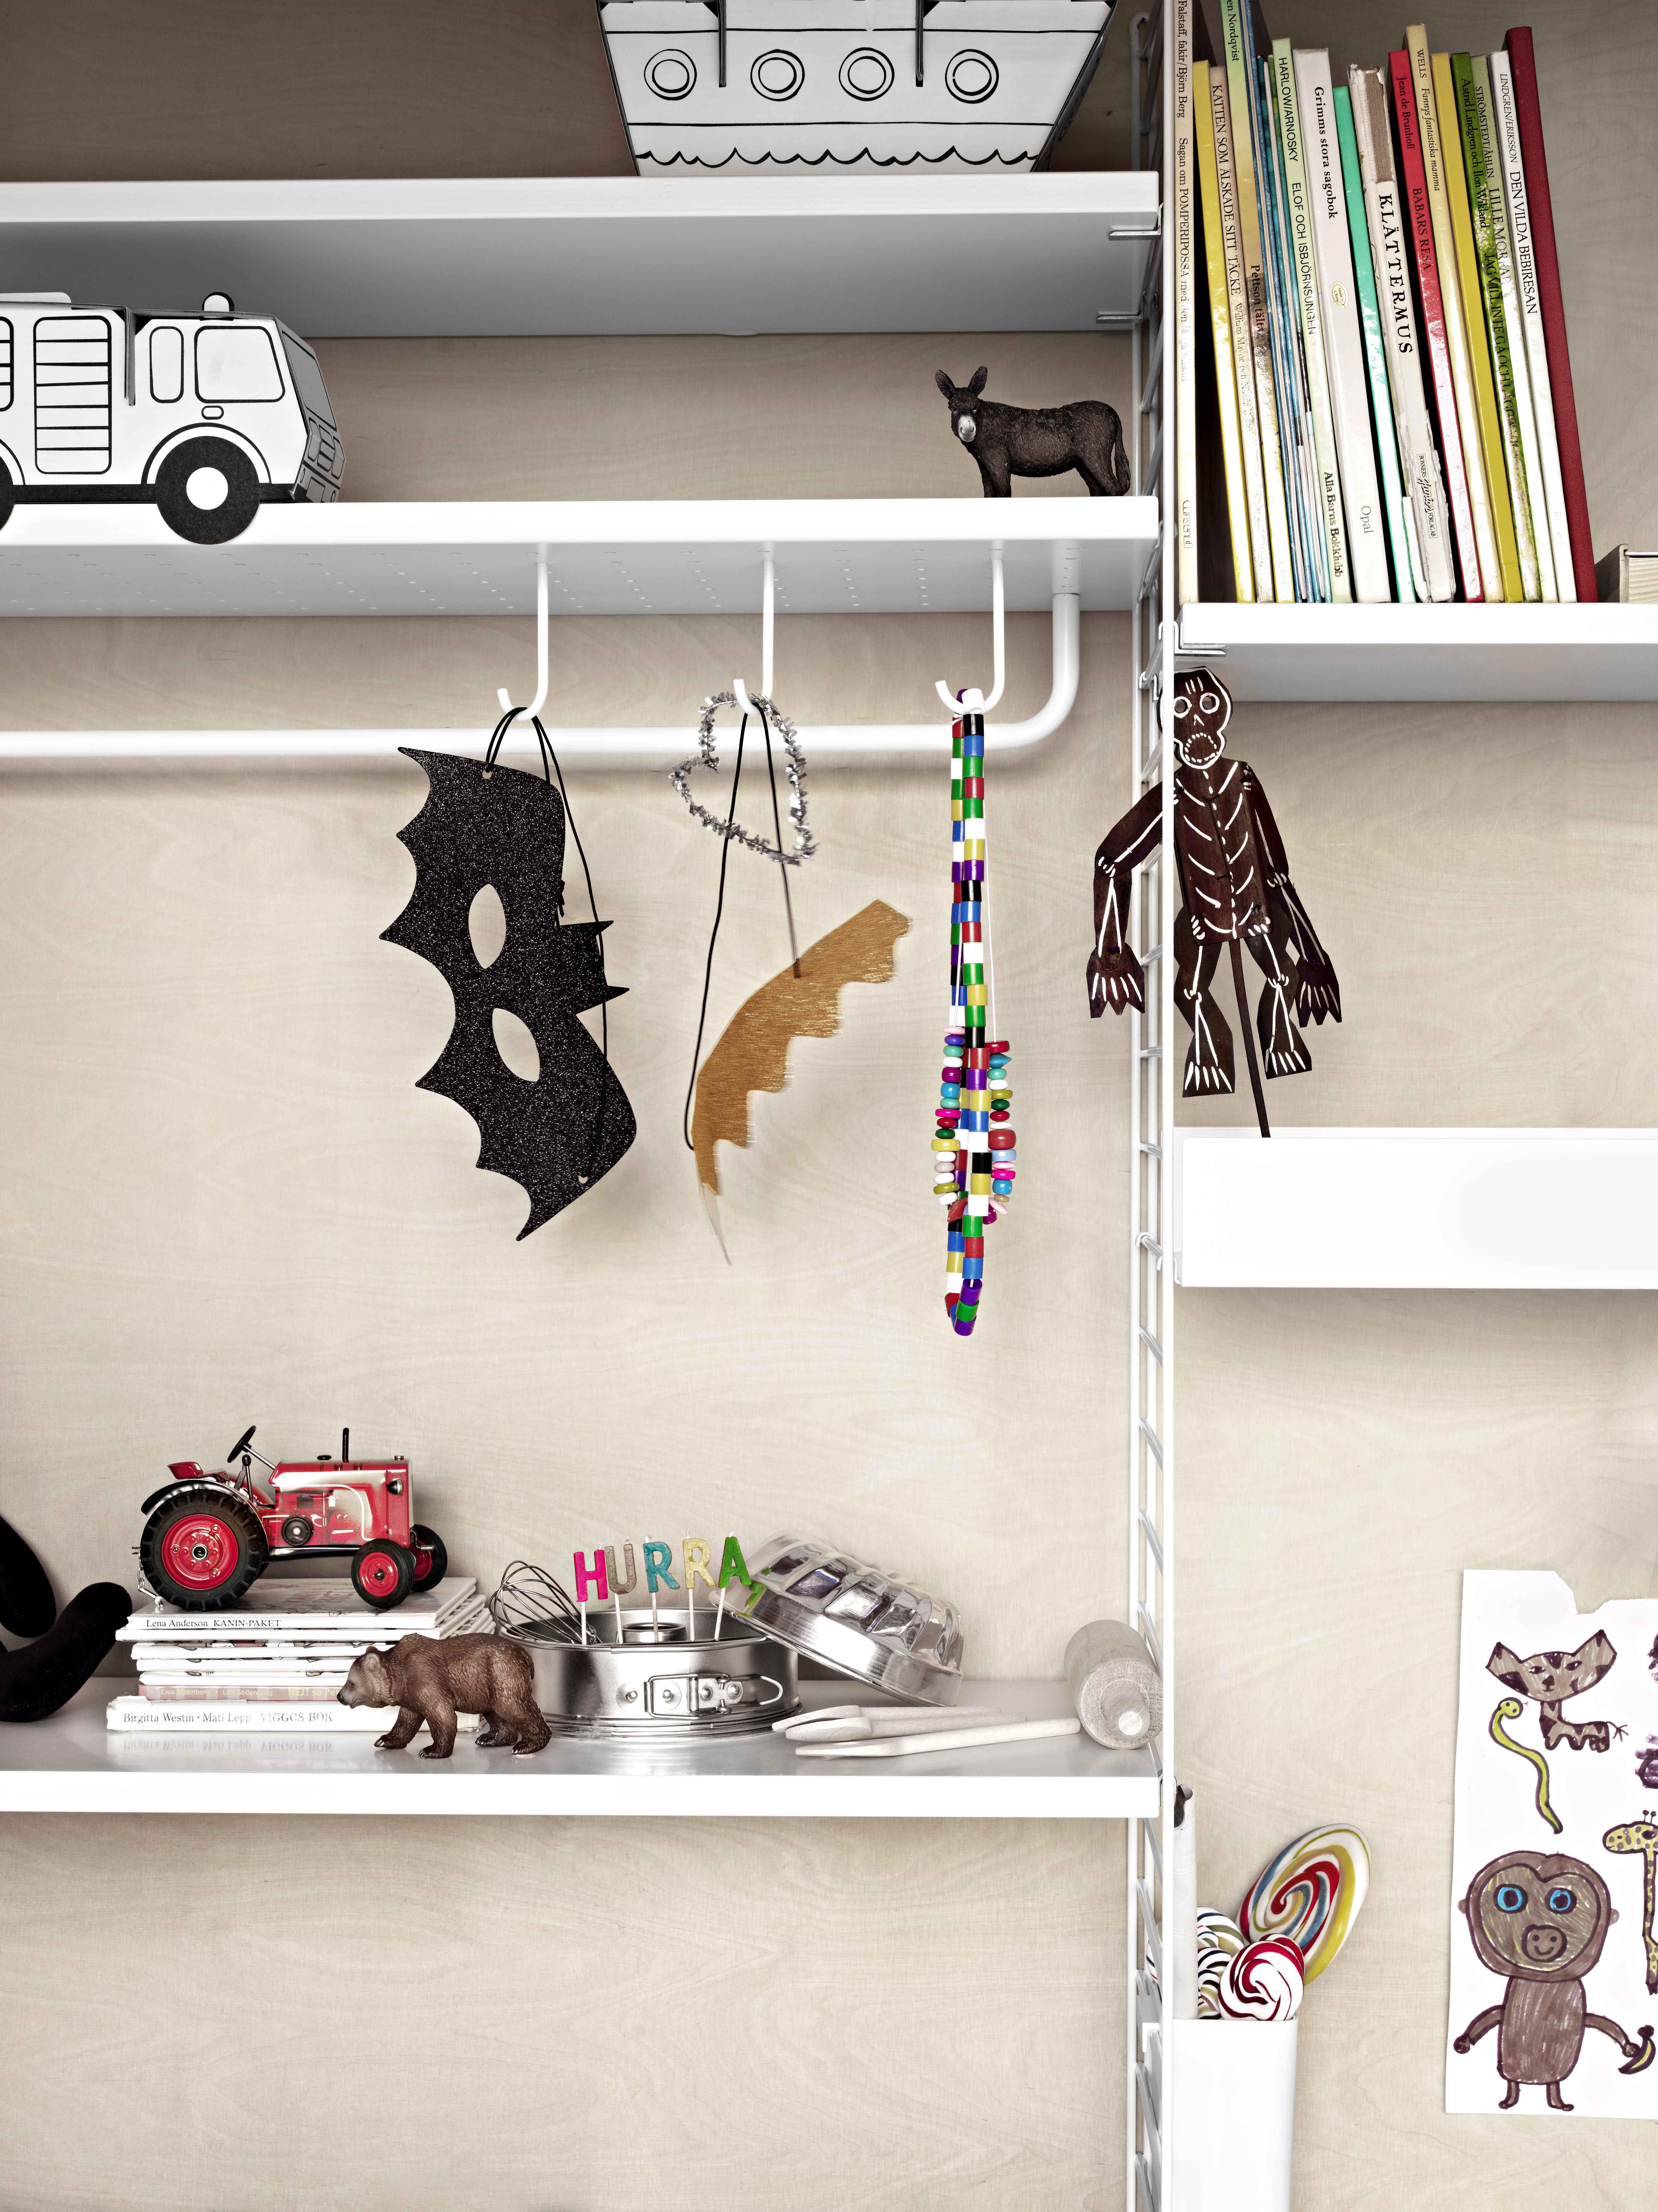 Furniture Pour Métal 5 Crochet De Perforé String En Étagères Set orxeCBd